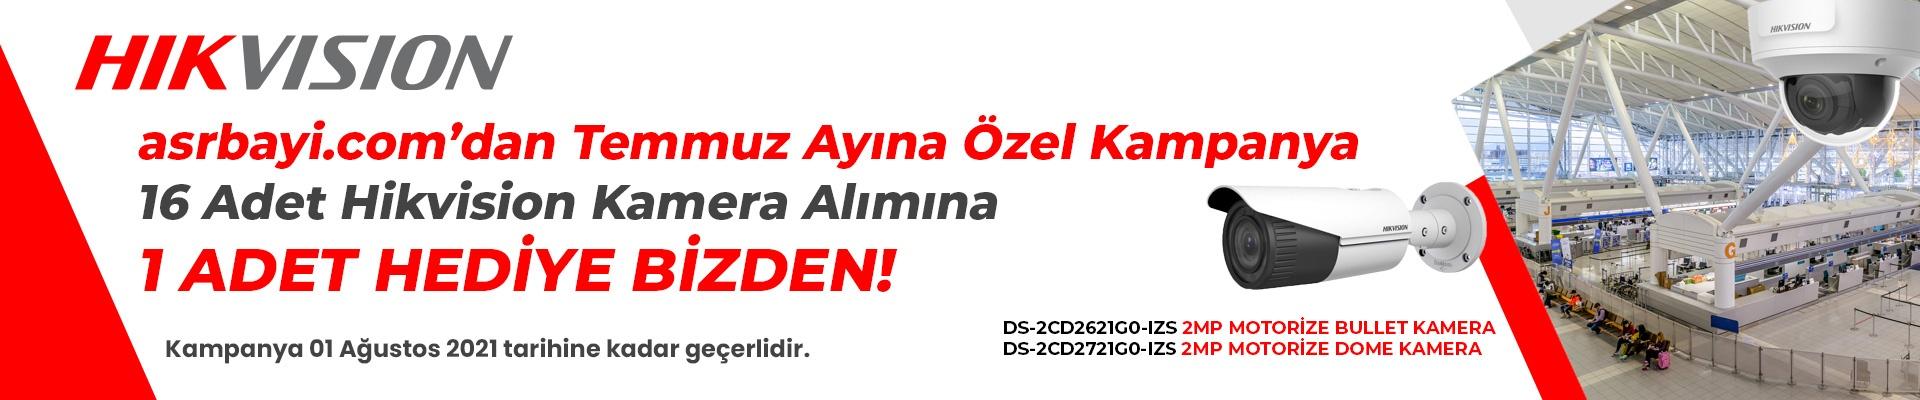 asrbayi.com'dan Temmuz Ayına Özel Kampanya!